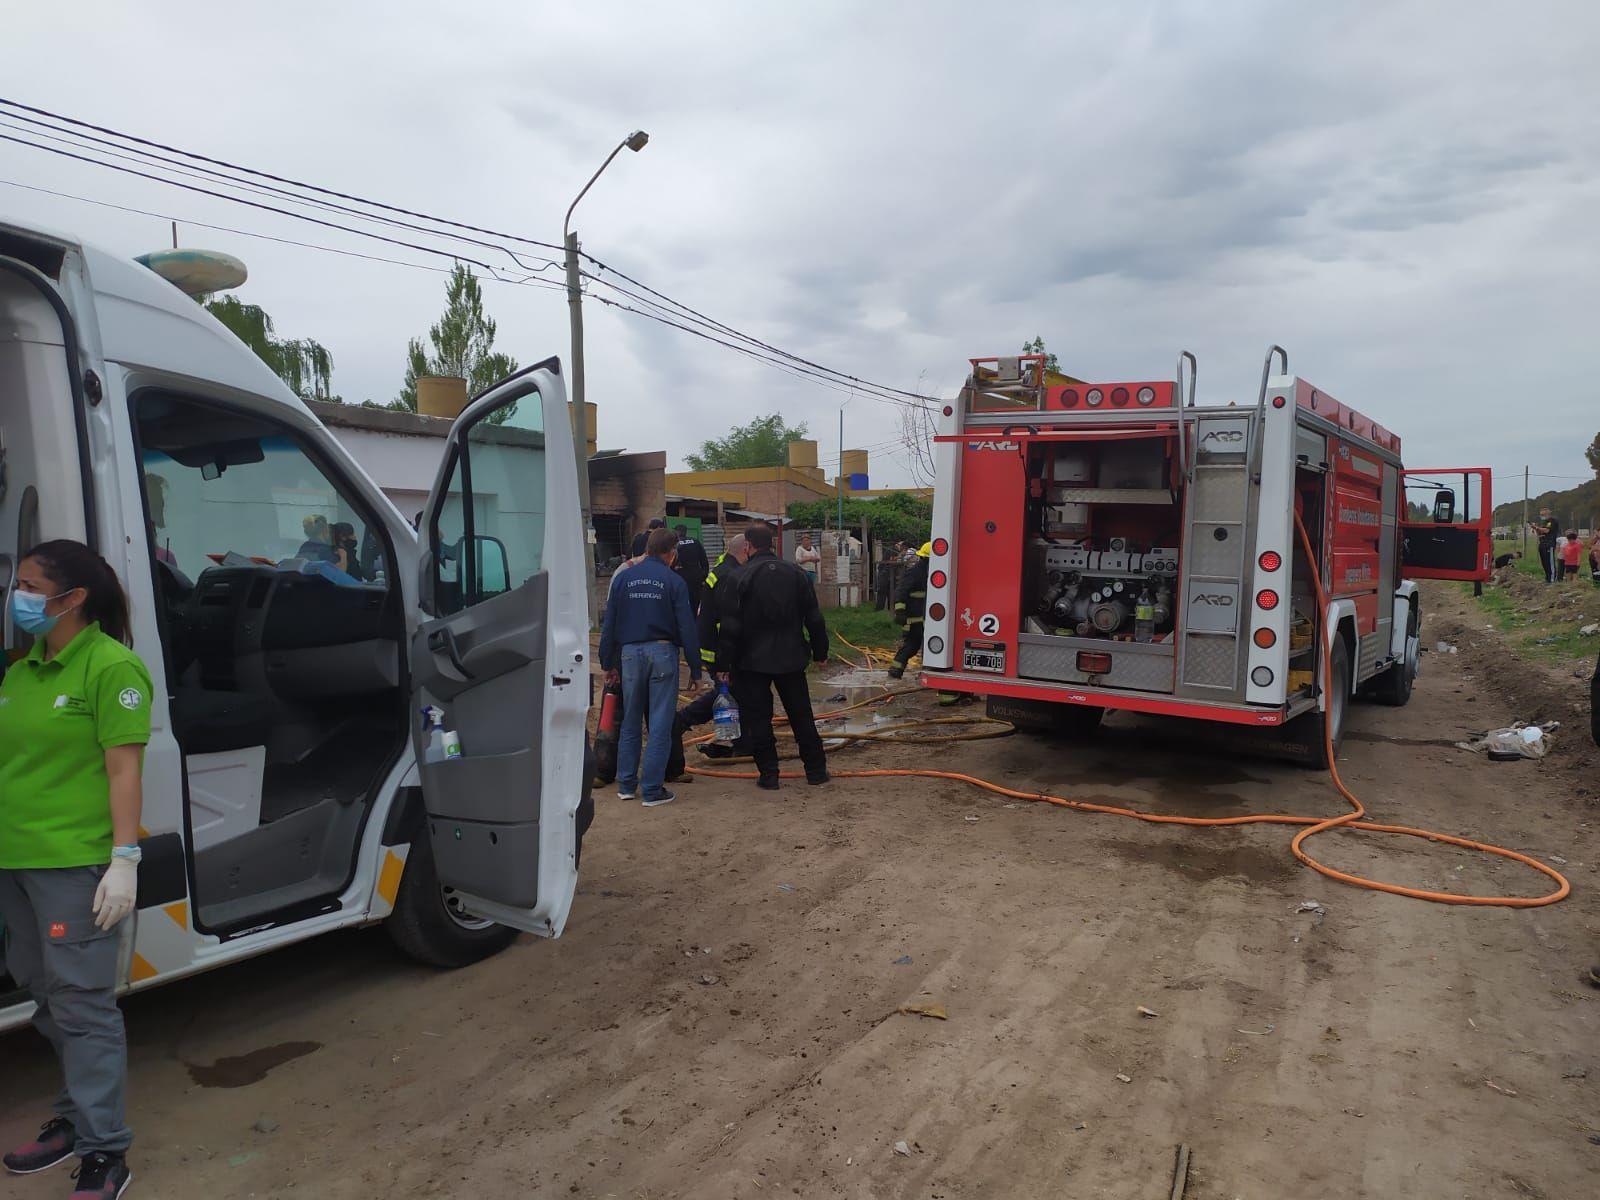 El voraz incendio fue en la calle Sáenz Peña al 700 en Bahía Blanca